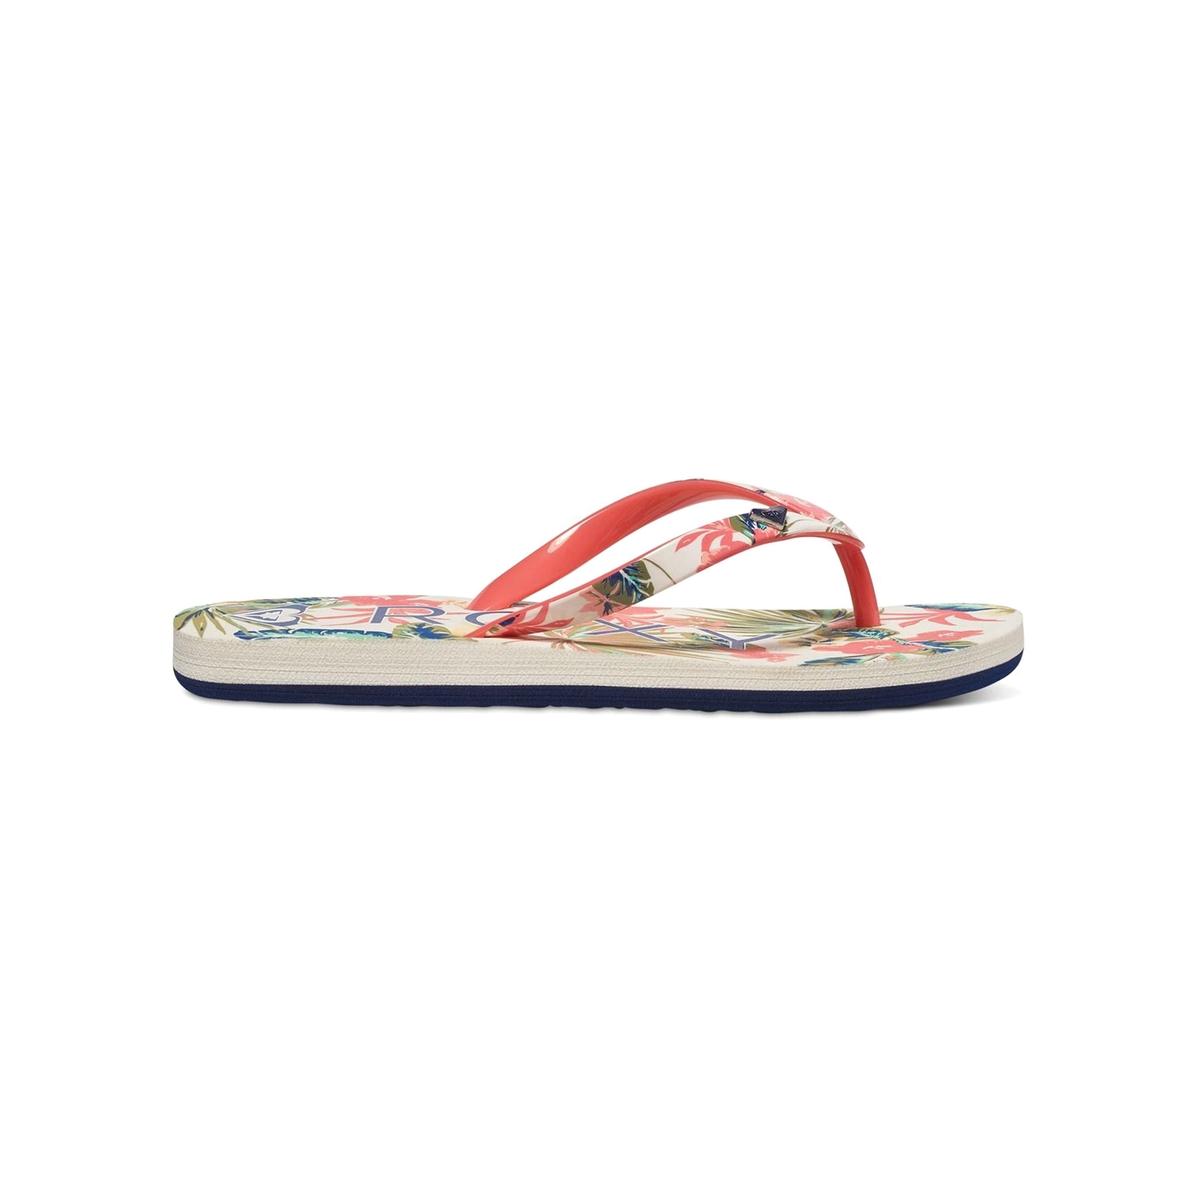 Вьетнамки RG PebblesВерх : синтетика   Подошва : каучук   Форма каблука : плоский каблук   Мысок : открытый мысок   Застежка : без застежки<br><br>Цвет: красный/зеленый/синий